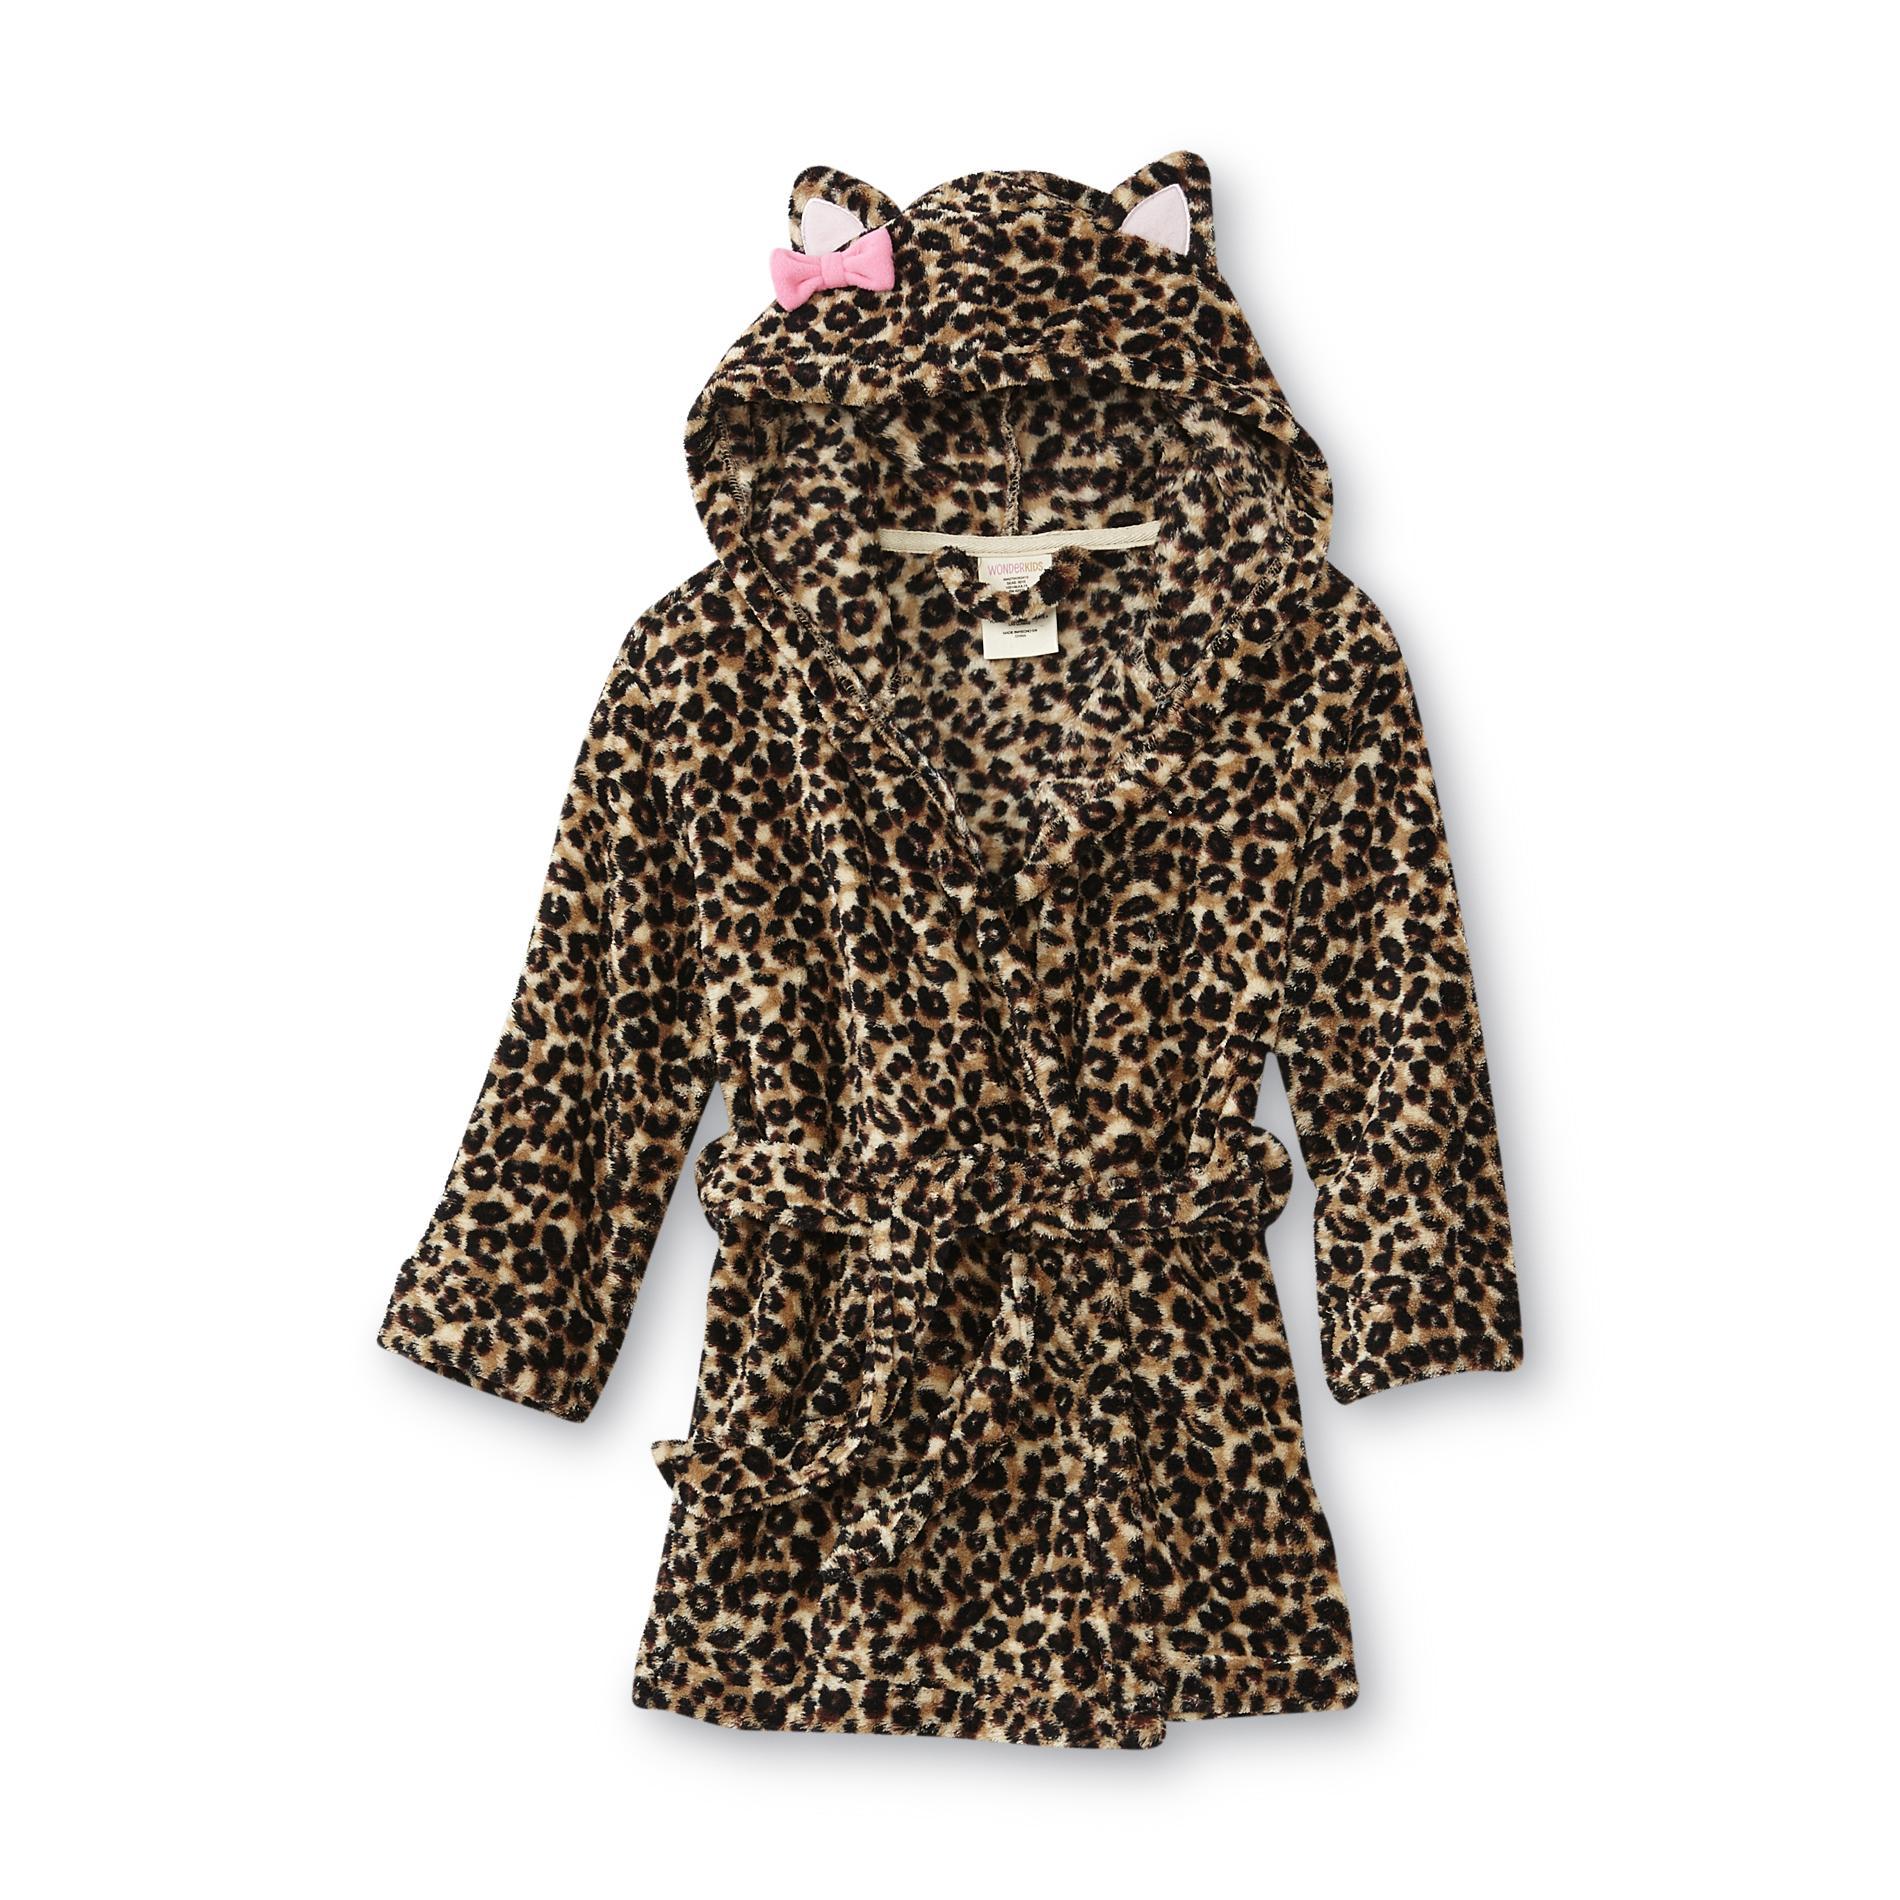 WonderKids Toddler Girl's Hooded Robe - Leopard Print